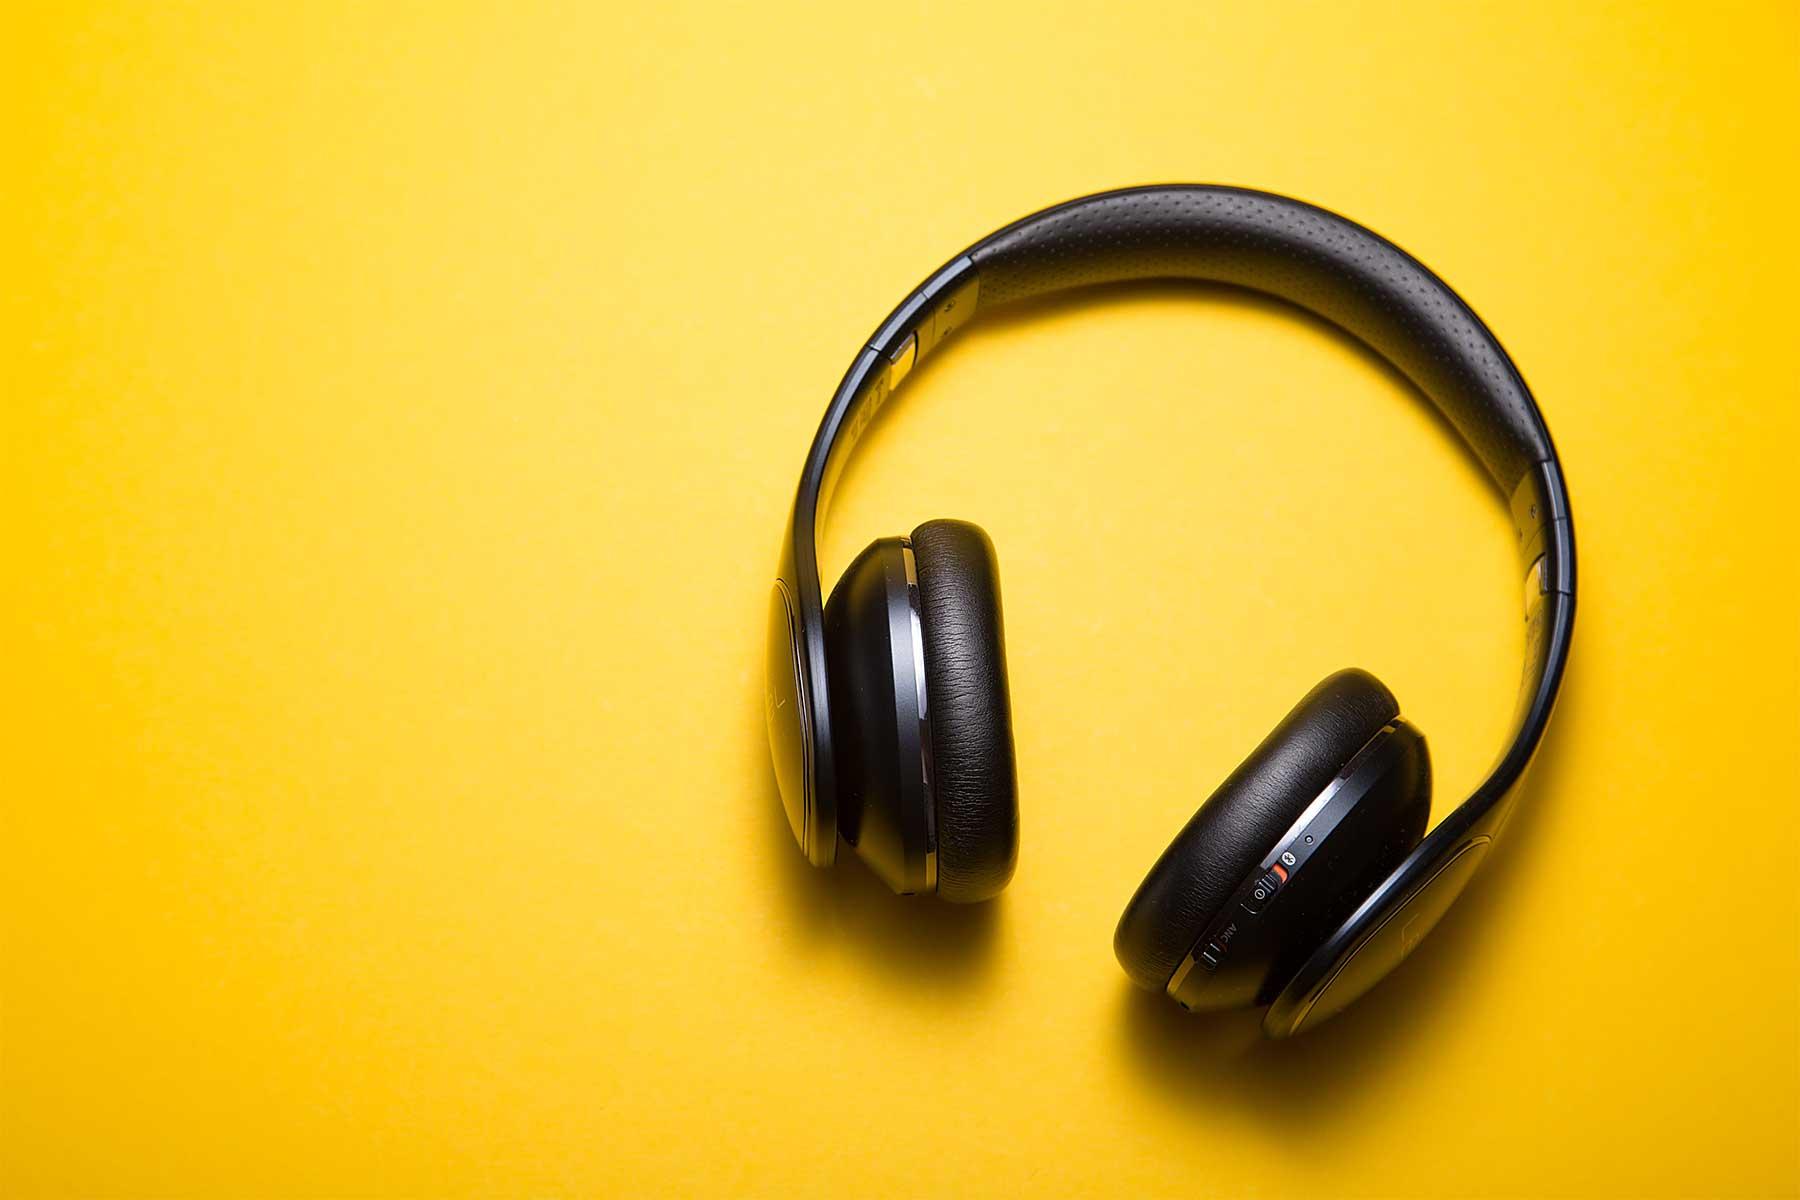 Coronavirus: Musikquiz gemeinsam mit Freunden per Skype/Zoom machen